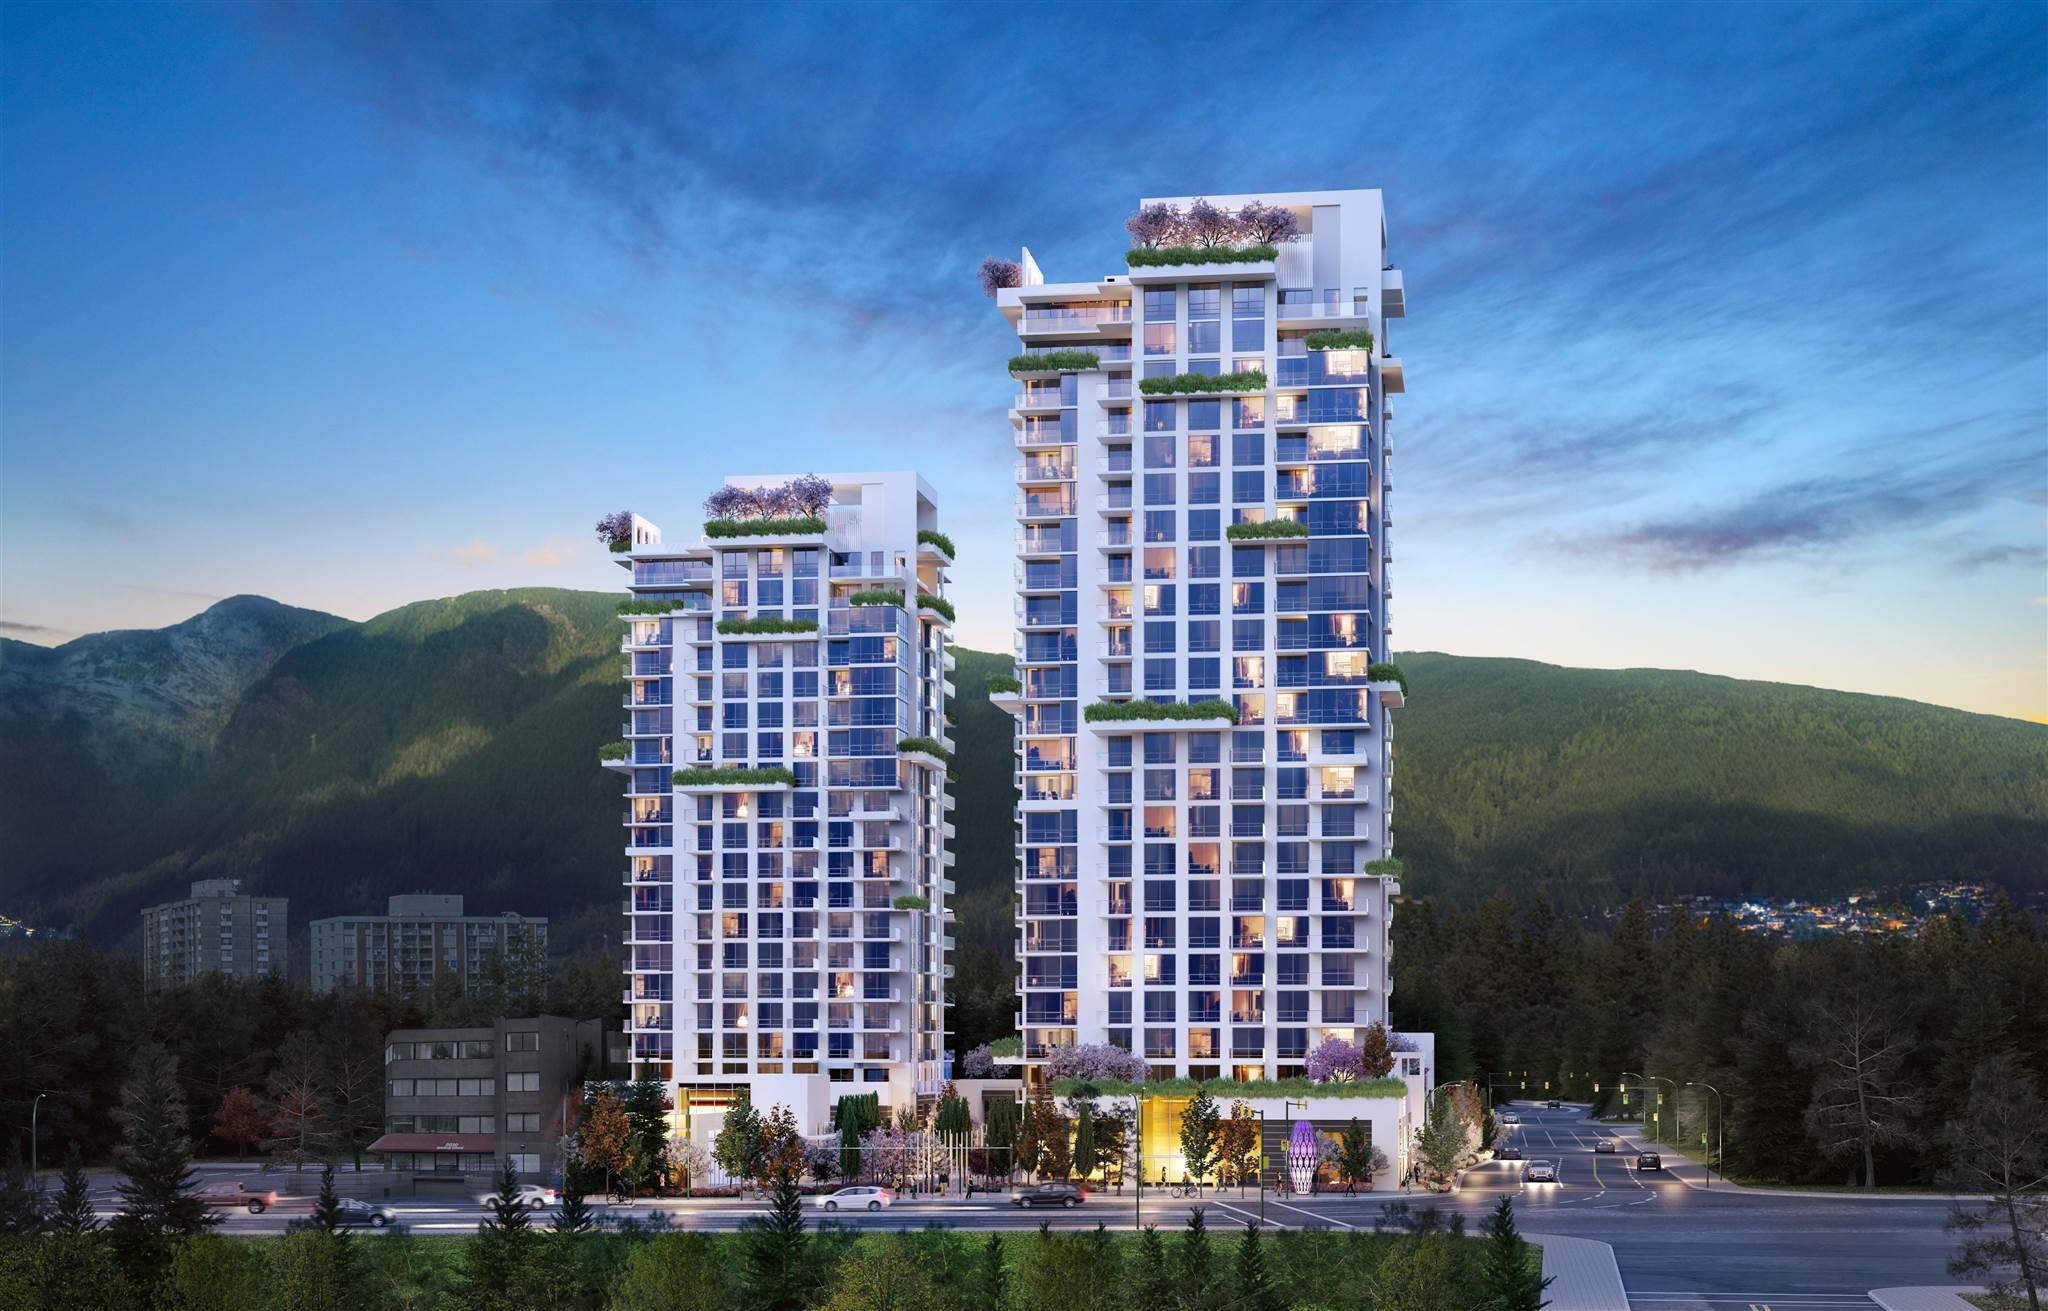 502 1633 CAPILANO ROAD - Capilano NV Apartment/Condo for sale, 1 Bedroom (R2604628) - #1